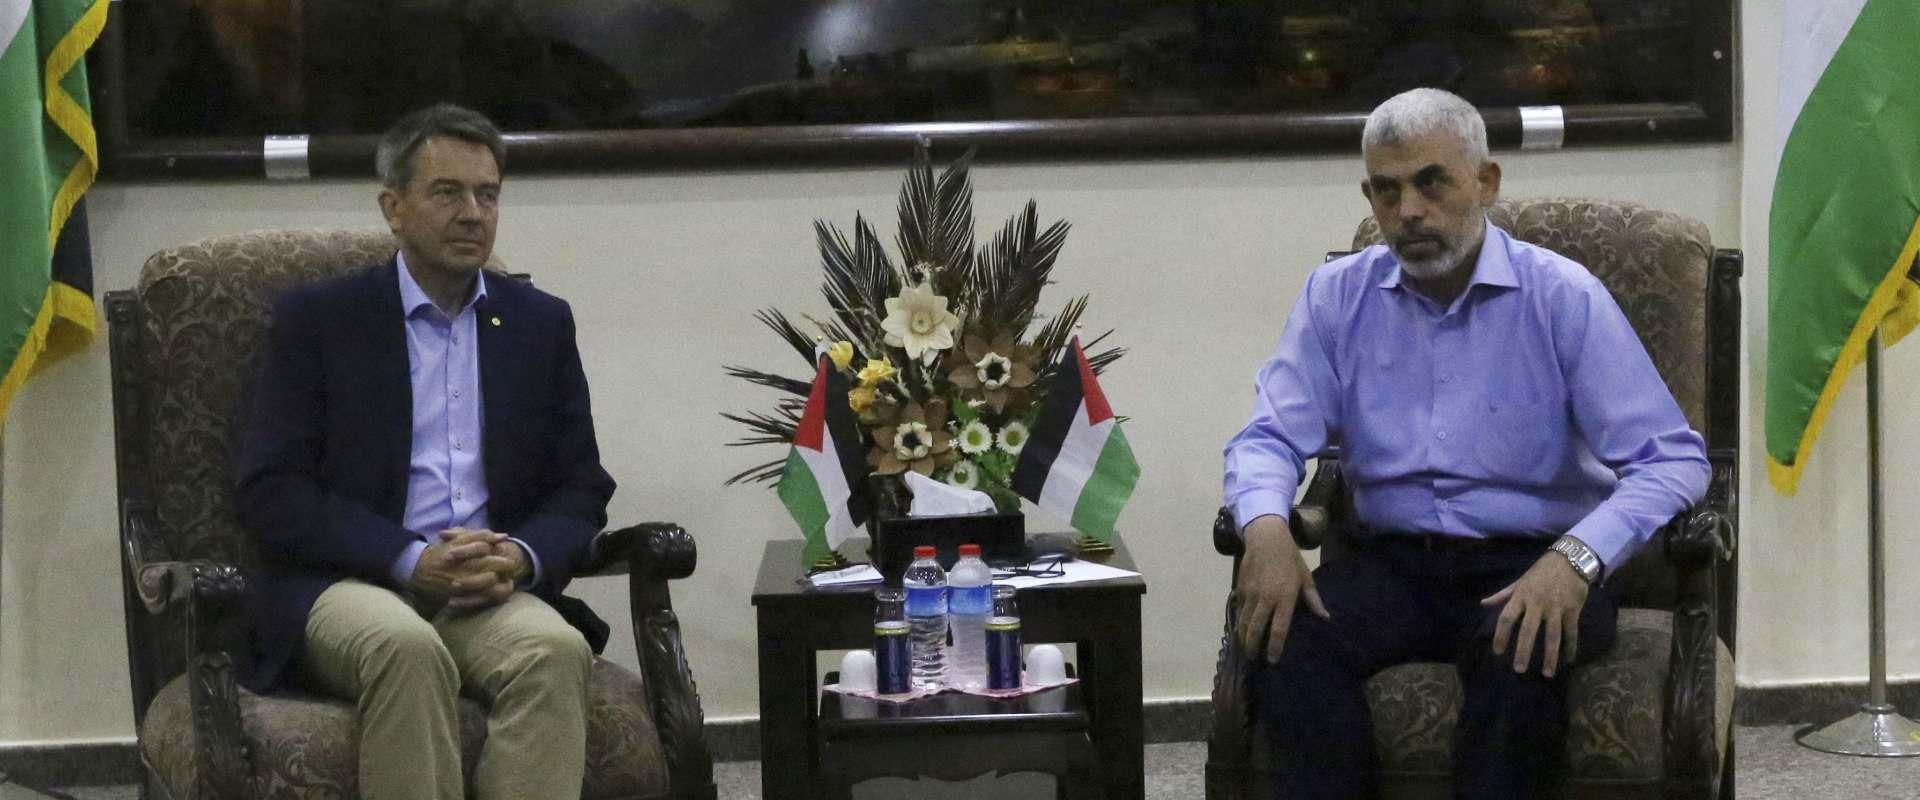 פטר מאורר ויחיא סנוואר בפגישתם בעזה